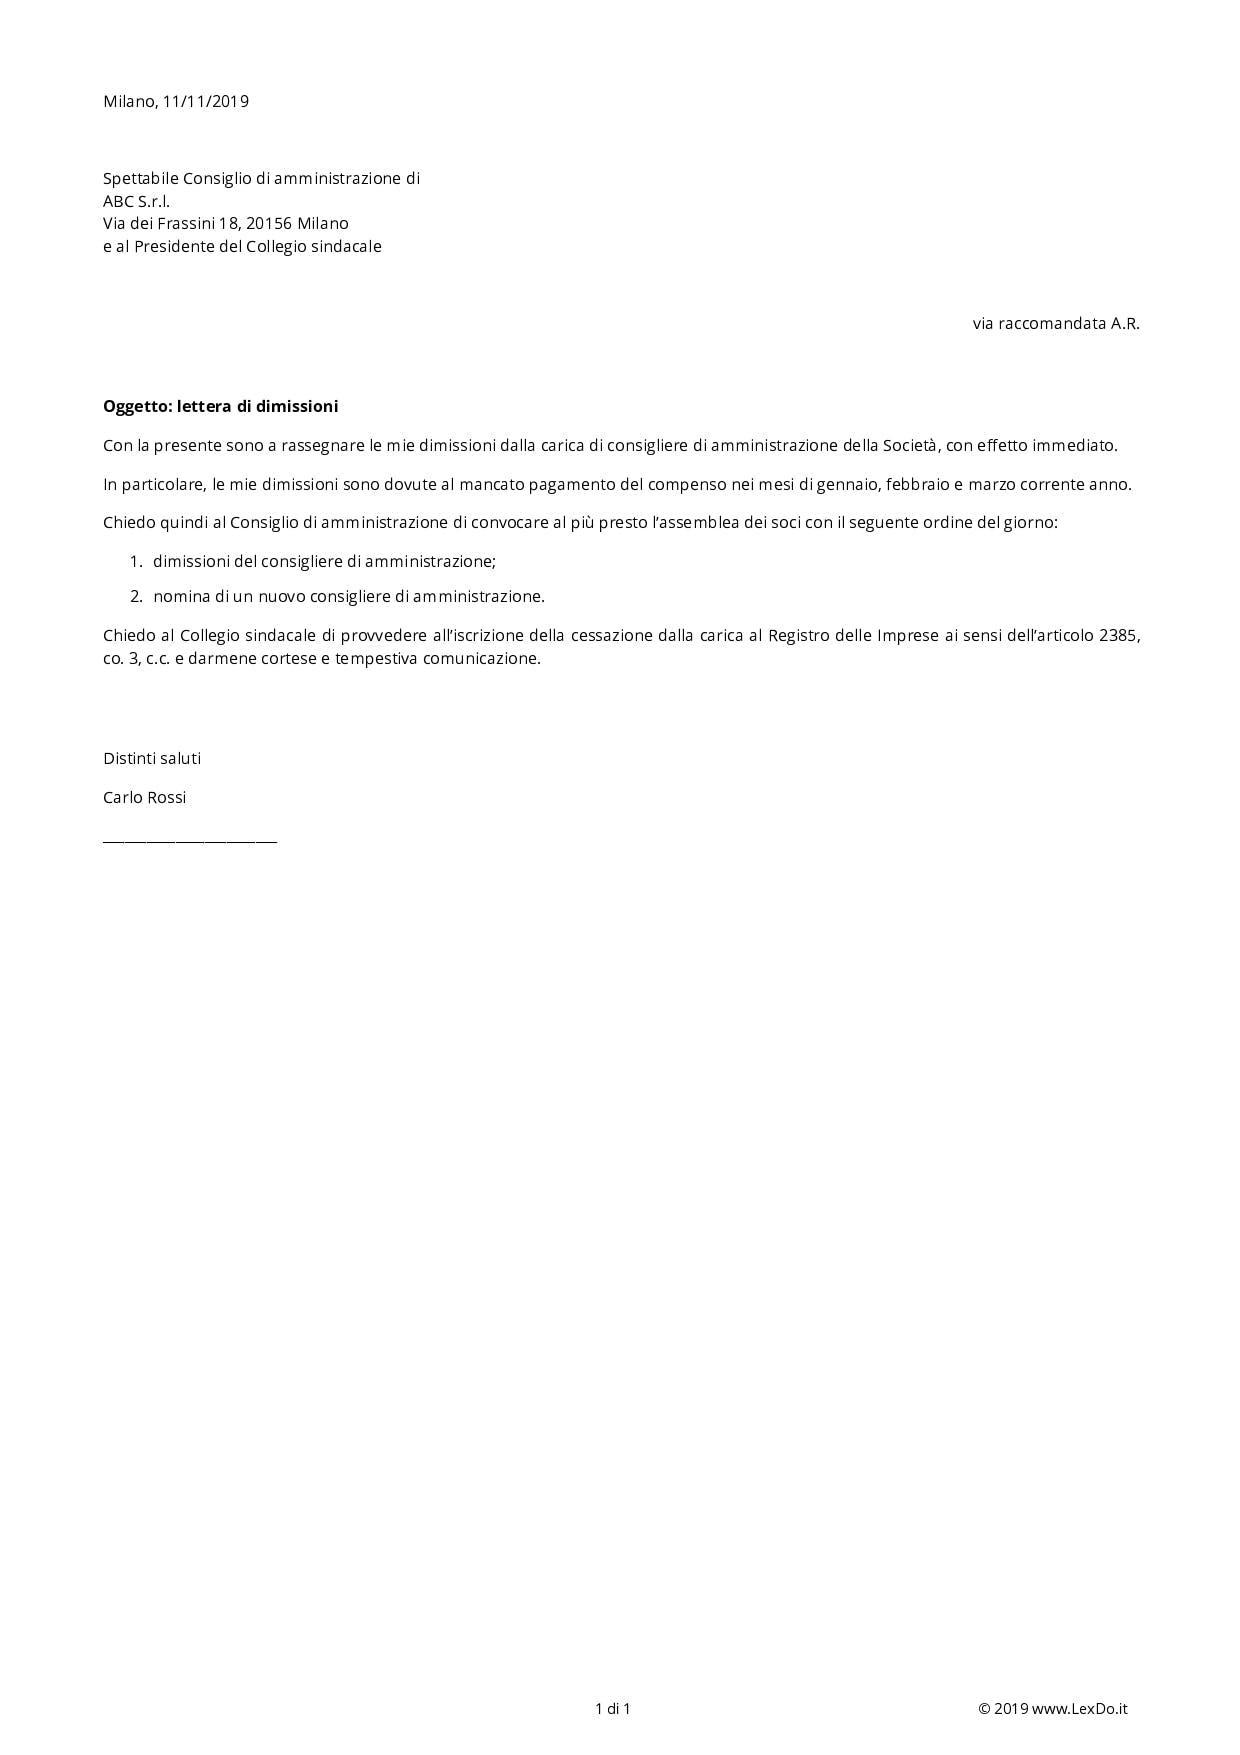 Lettera di Dimissioni di Amministratore Srl o Spa modello